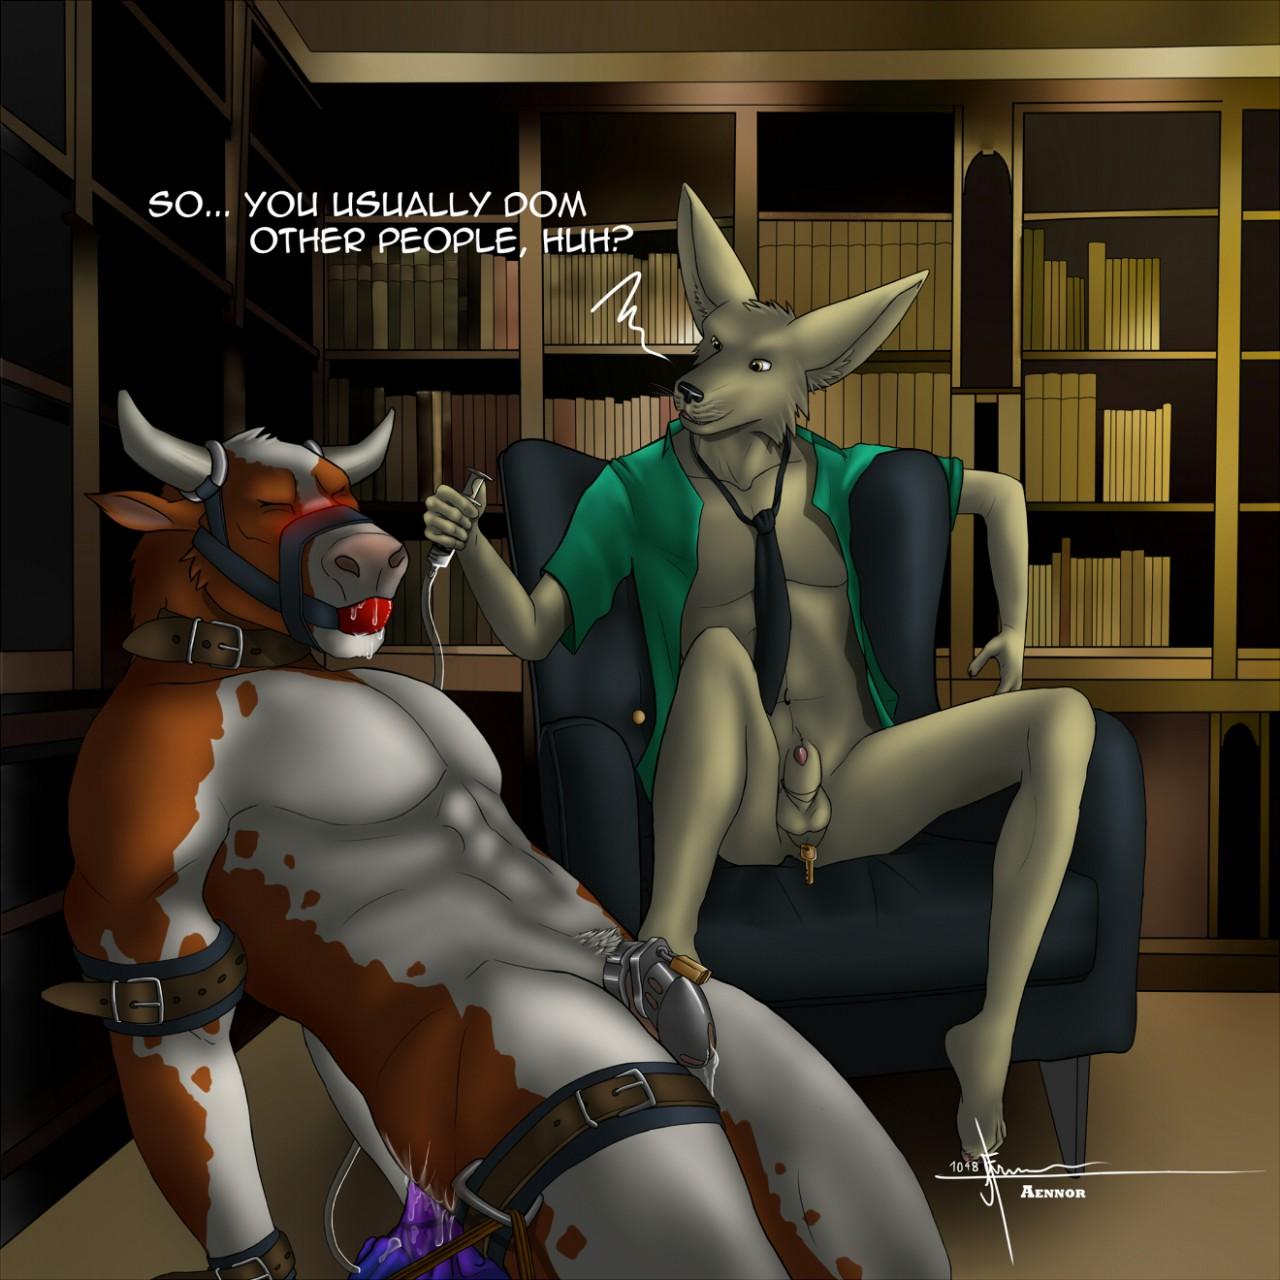 Bad dragon ball gags and dildos 8